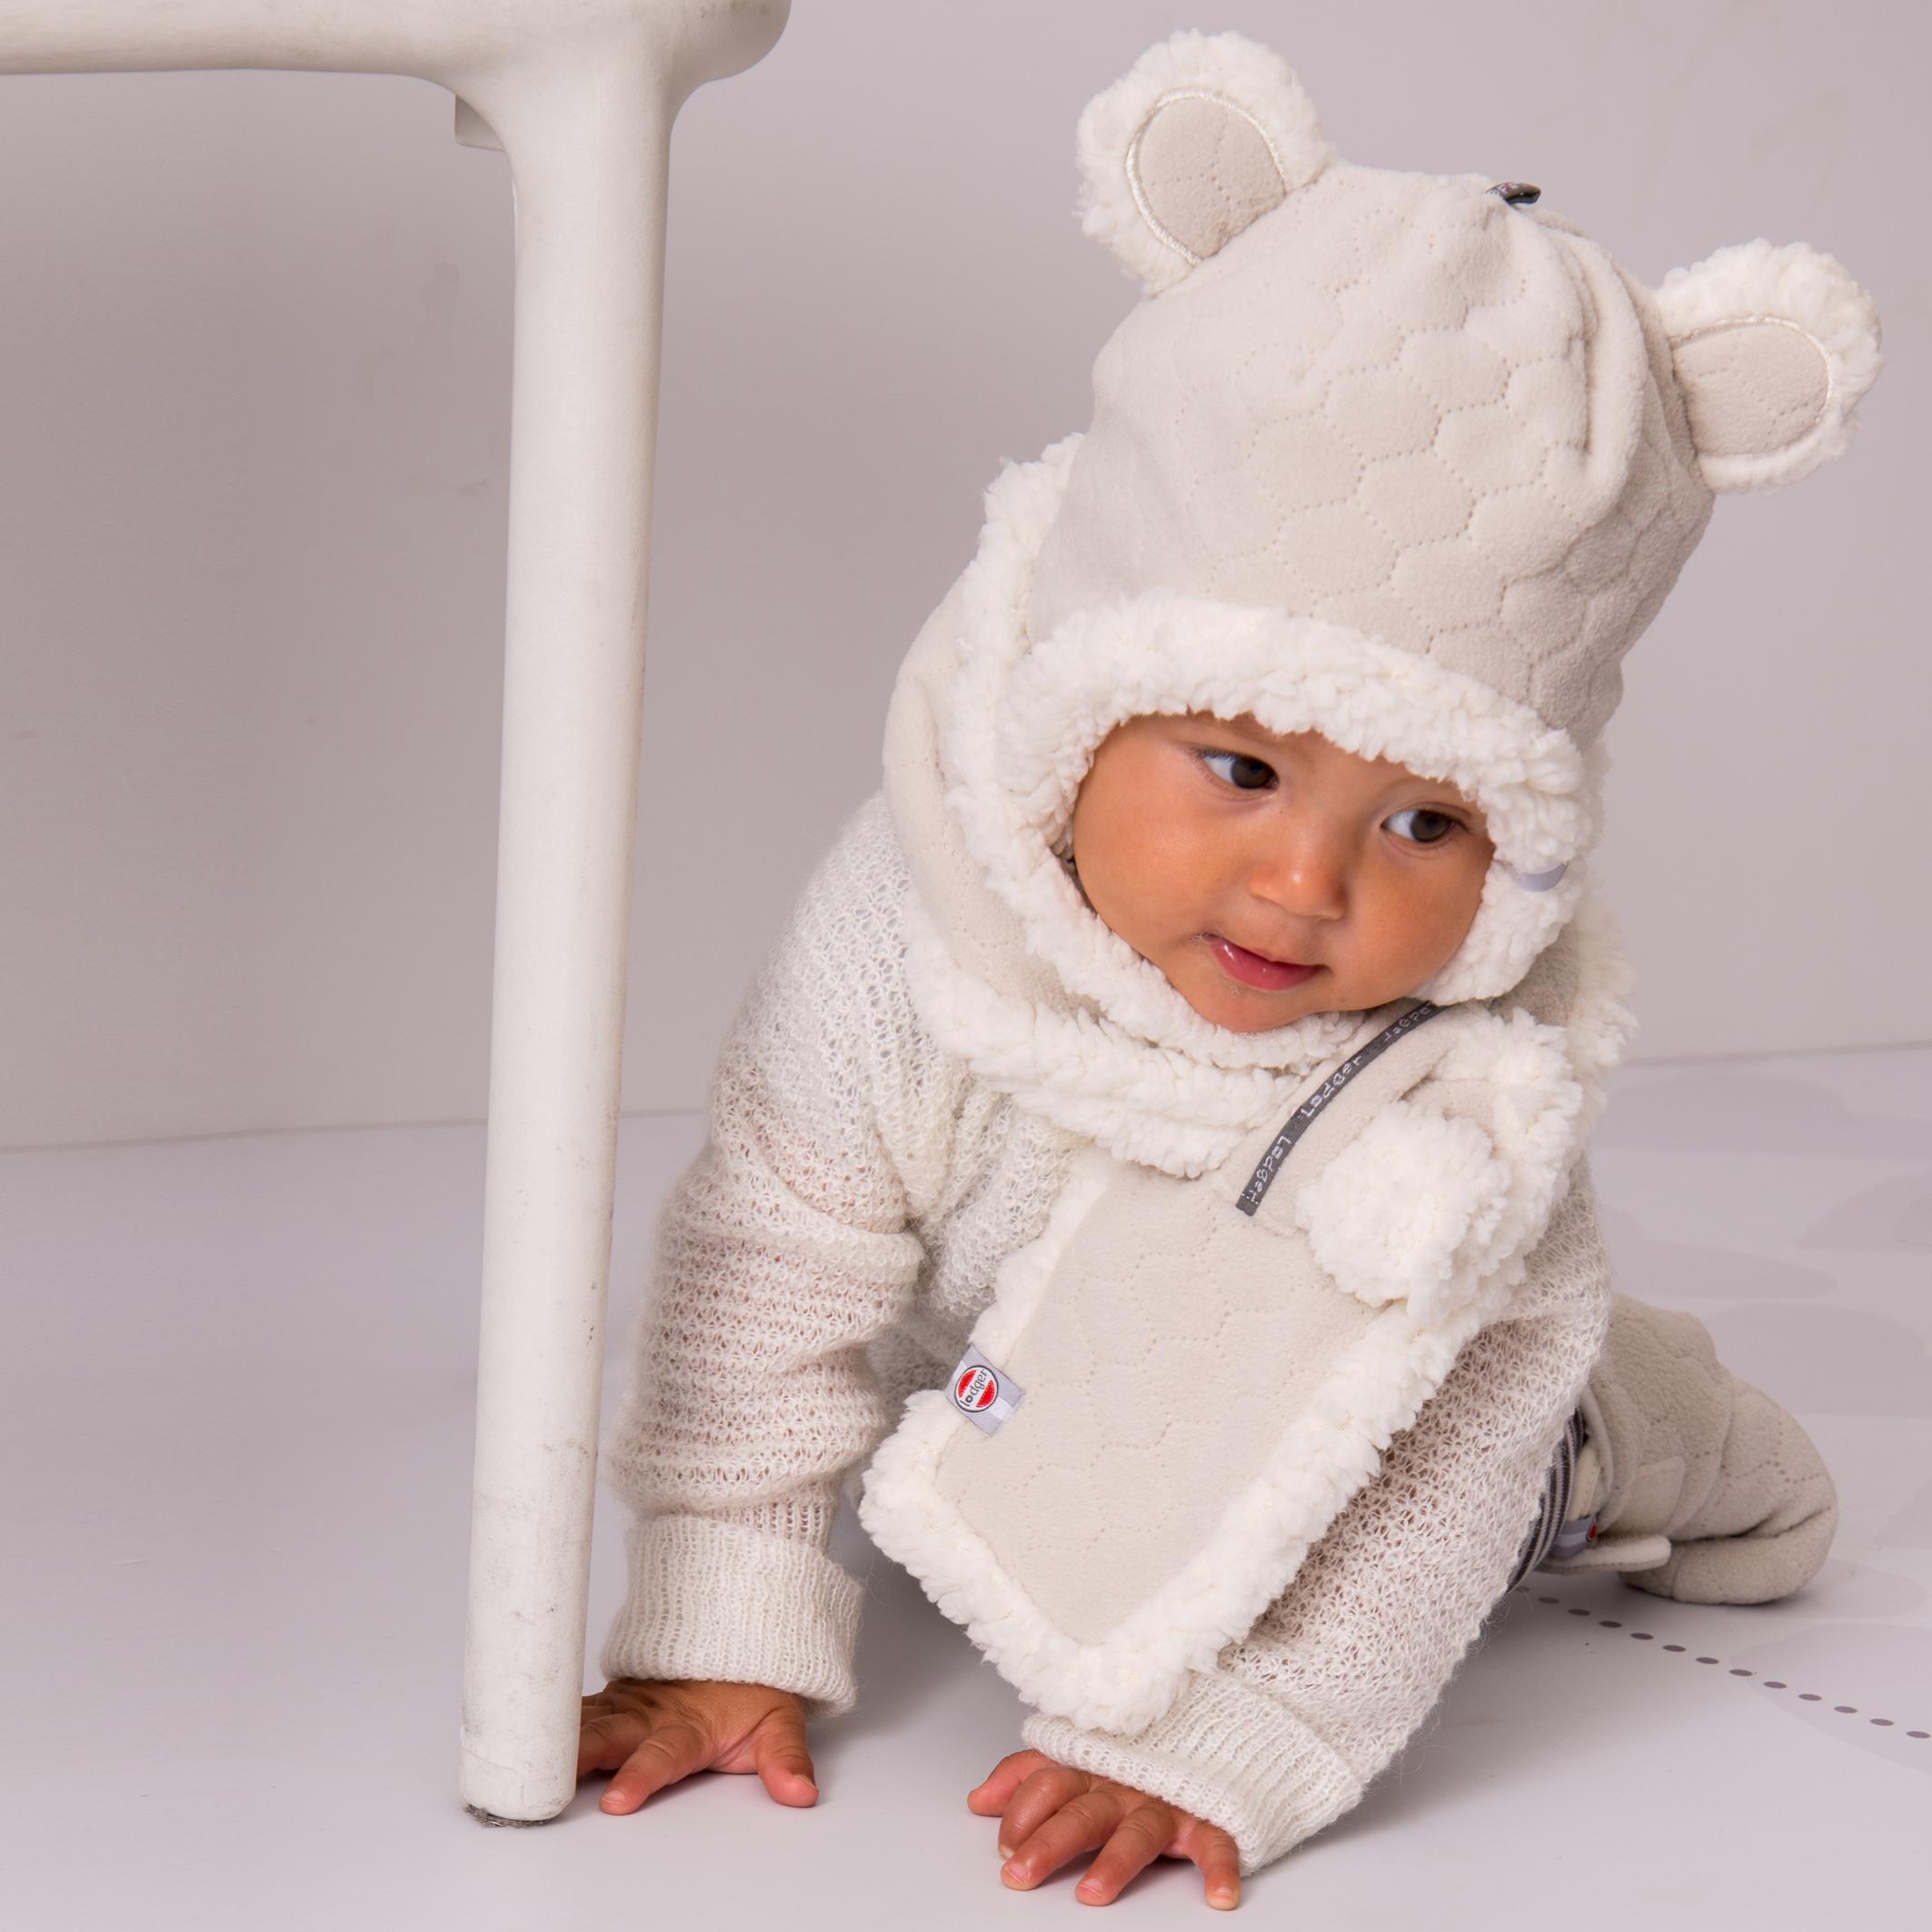 Babykleding Winter.Lodger Hatter Is Een Warme Babymuts Die Goed Aansluit Bij De Nek En